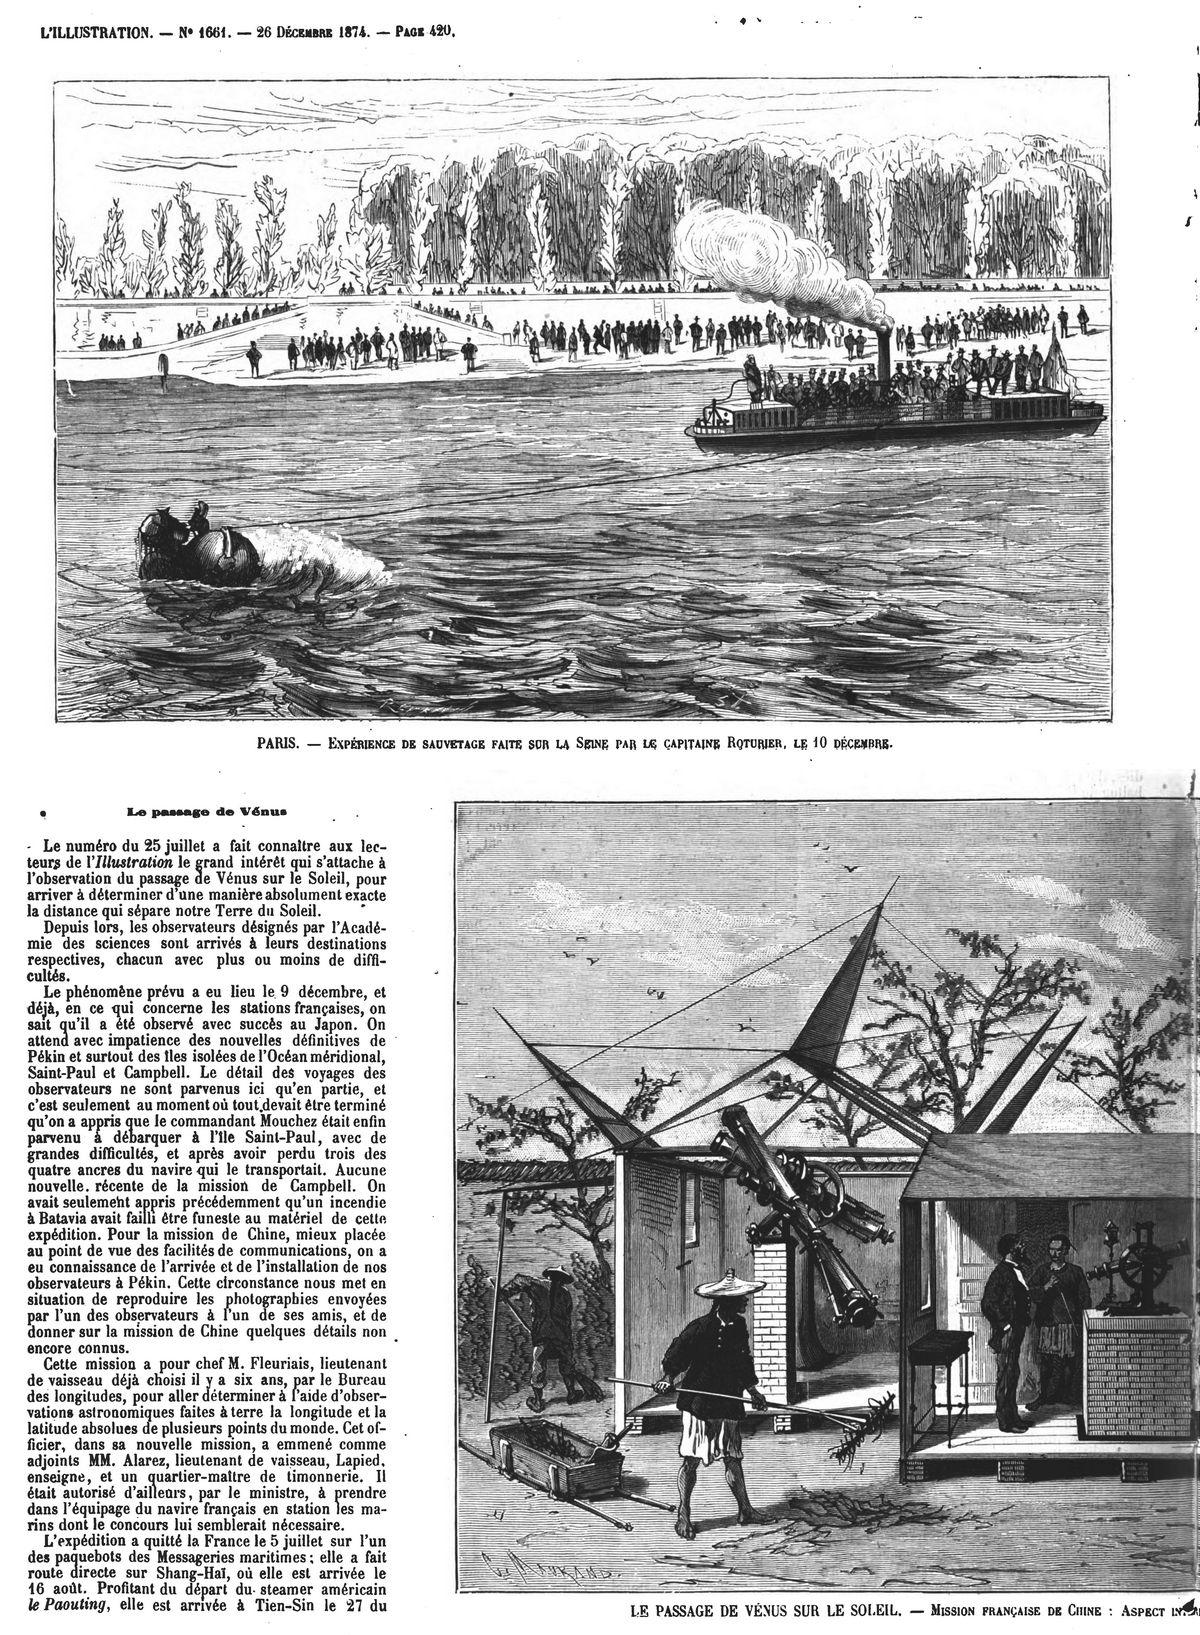 Paris : expérience de sauvetage sur la Seine par le capitaine Roturier, le 10 décembre. (Gravure 1874)